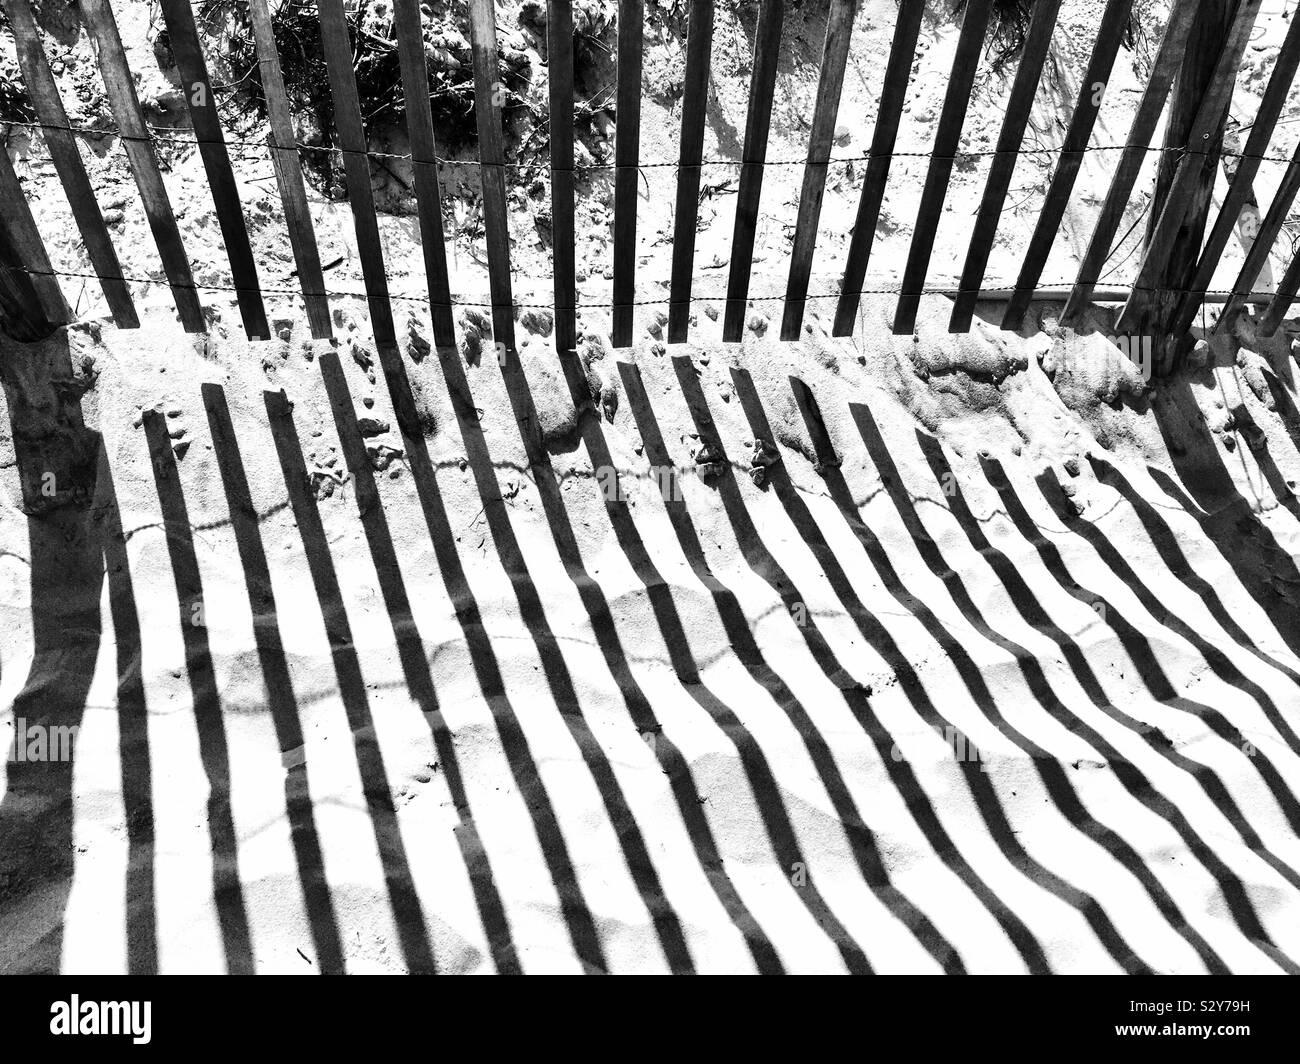 Una valla de madera junto a la arena de la senda que conduce a la playa tiene su sombra formando un patrón abstracto en la arena. Foto de stock